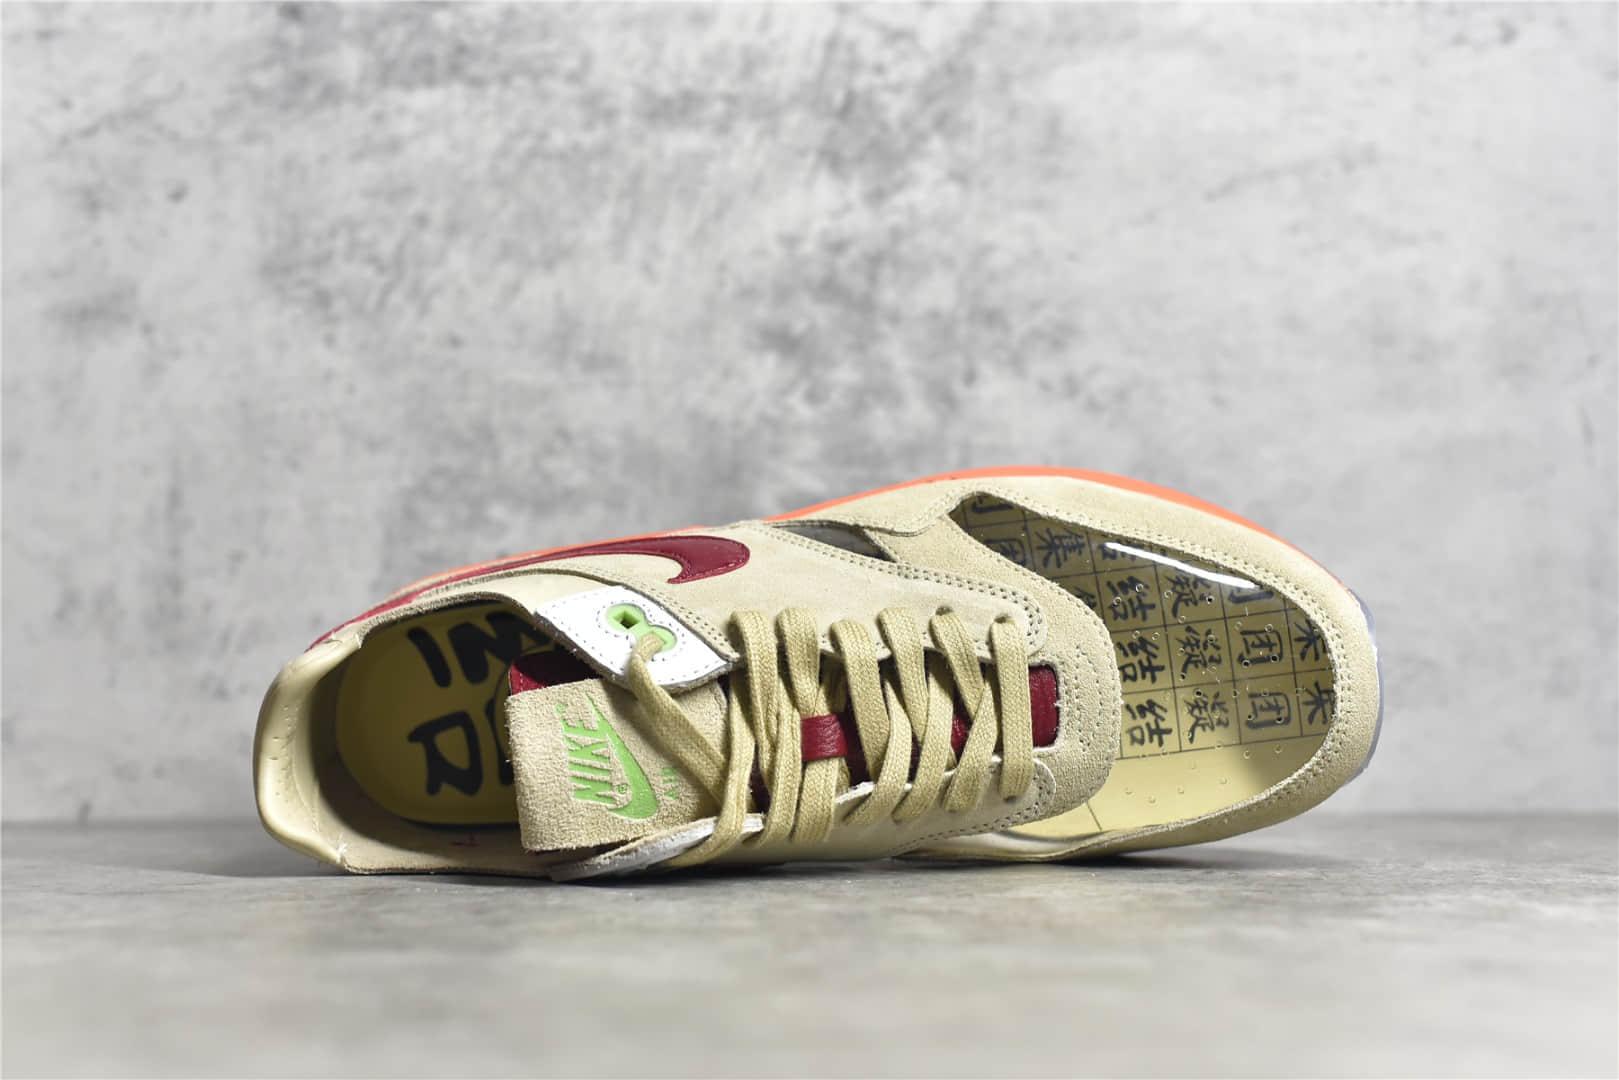 """耐克陈冠希CLOT联名 CLOT x Nike Air Max 1 """"Tea Leaf Brown"""" 耐克死亡之吻 耐克中国风 货号:DD1870-100-潮流者之家"""